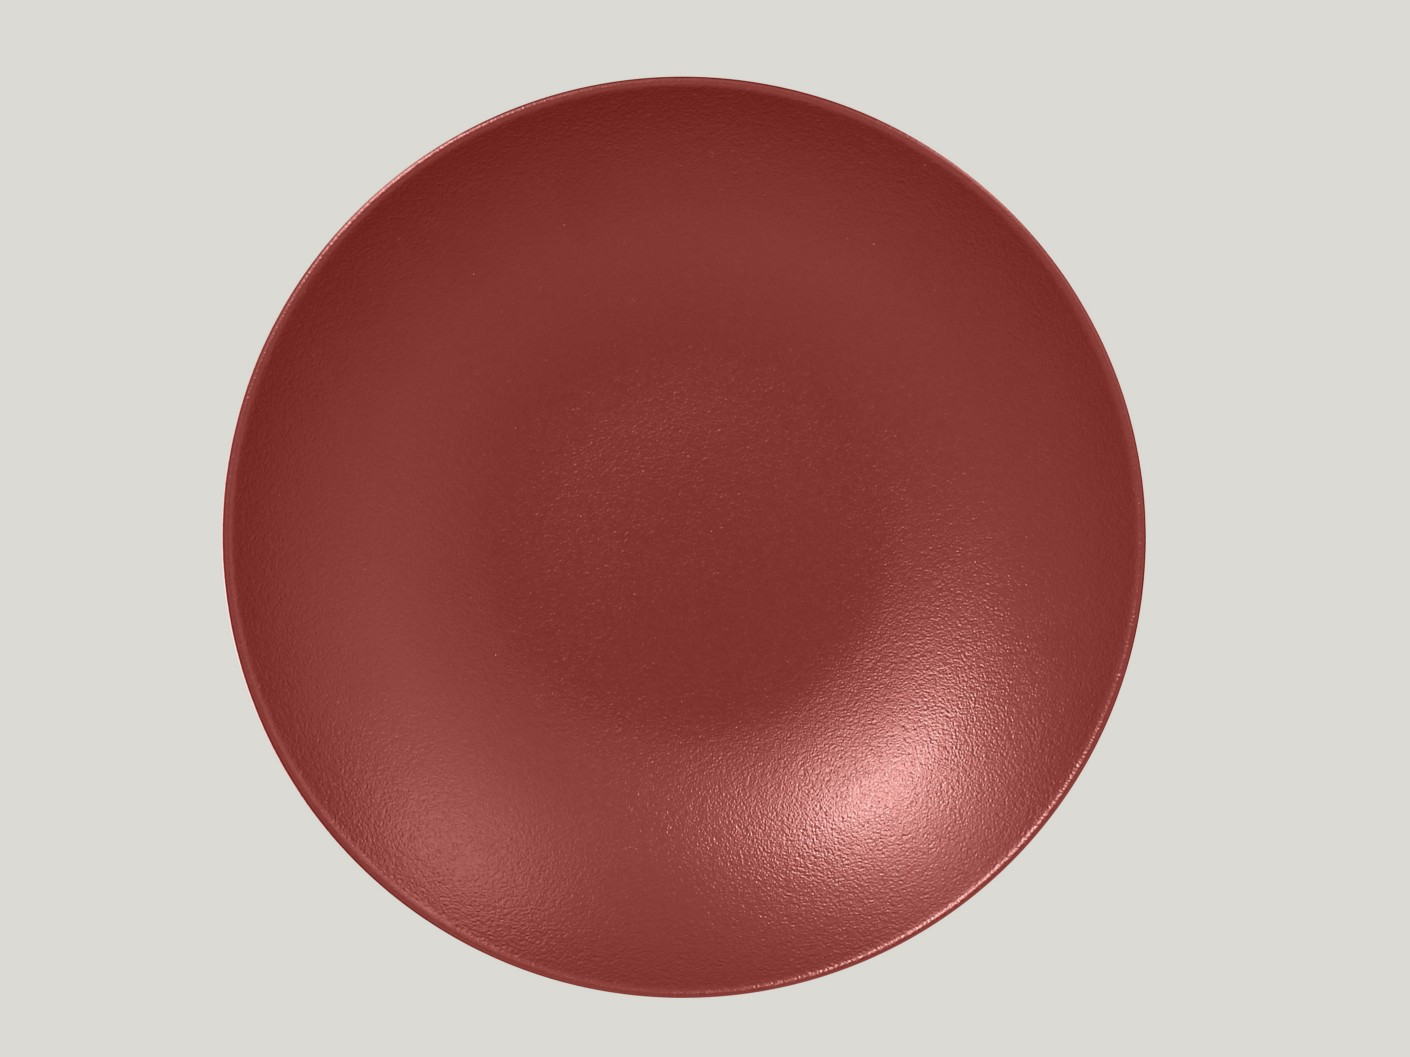 hluboký coupe talíř - tmavě červená Neofusion